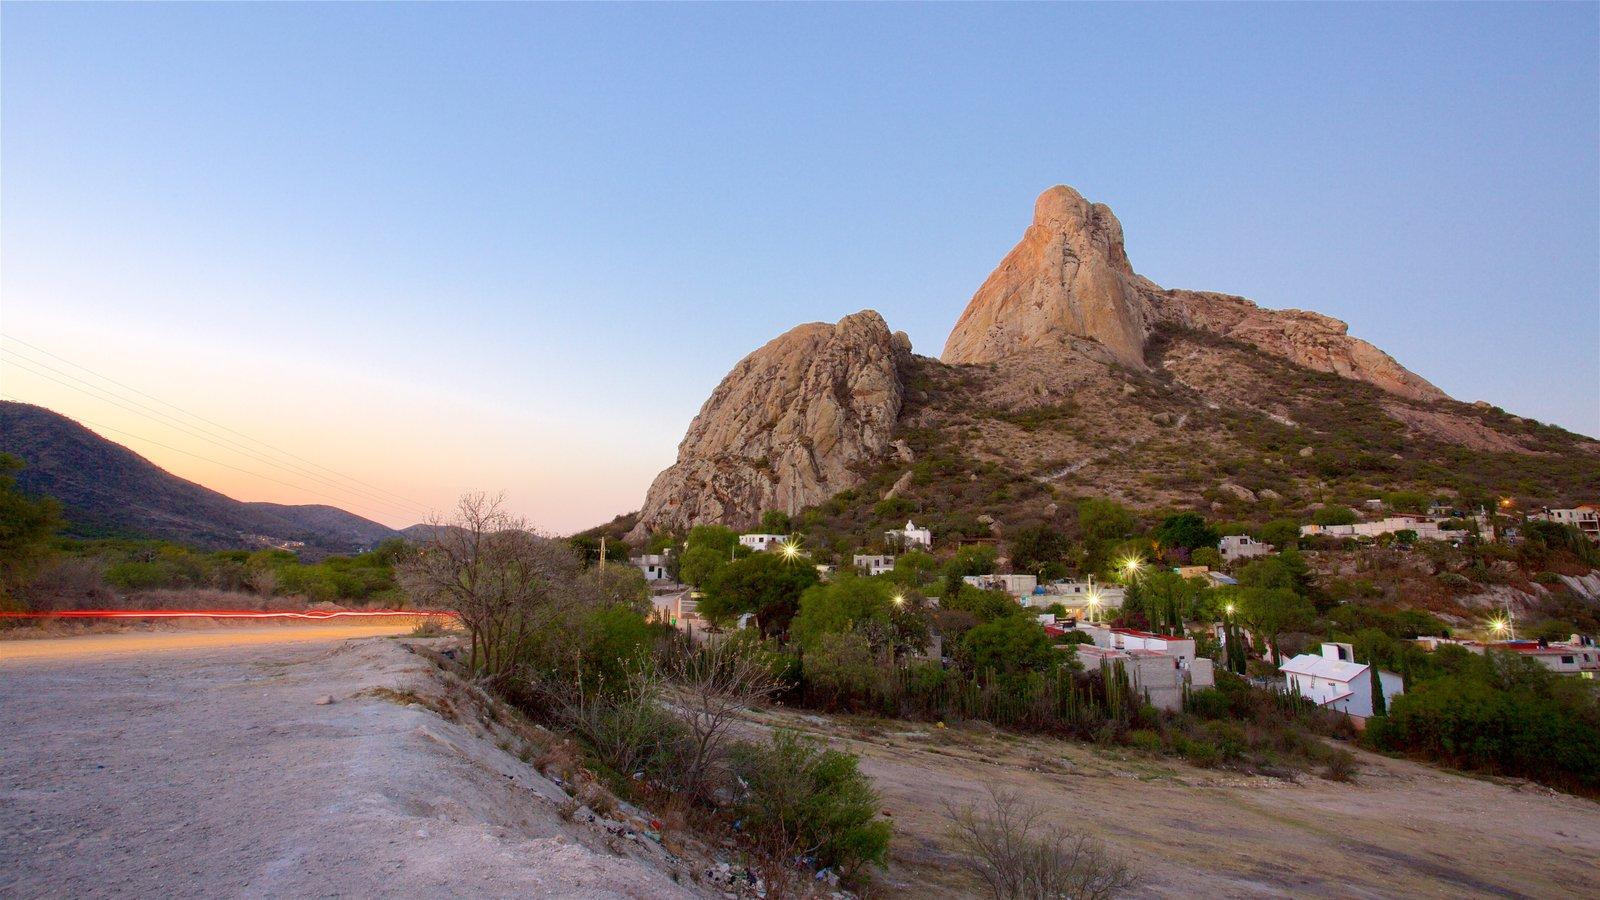 Pena de Bernal caracterizando um pôr do sol, cenas tranquilas e montanhas